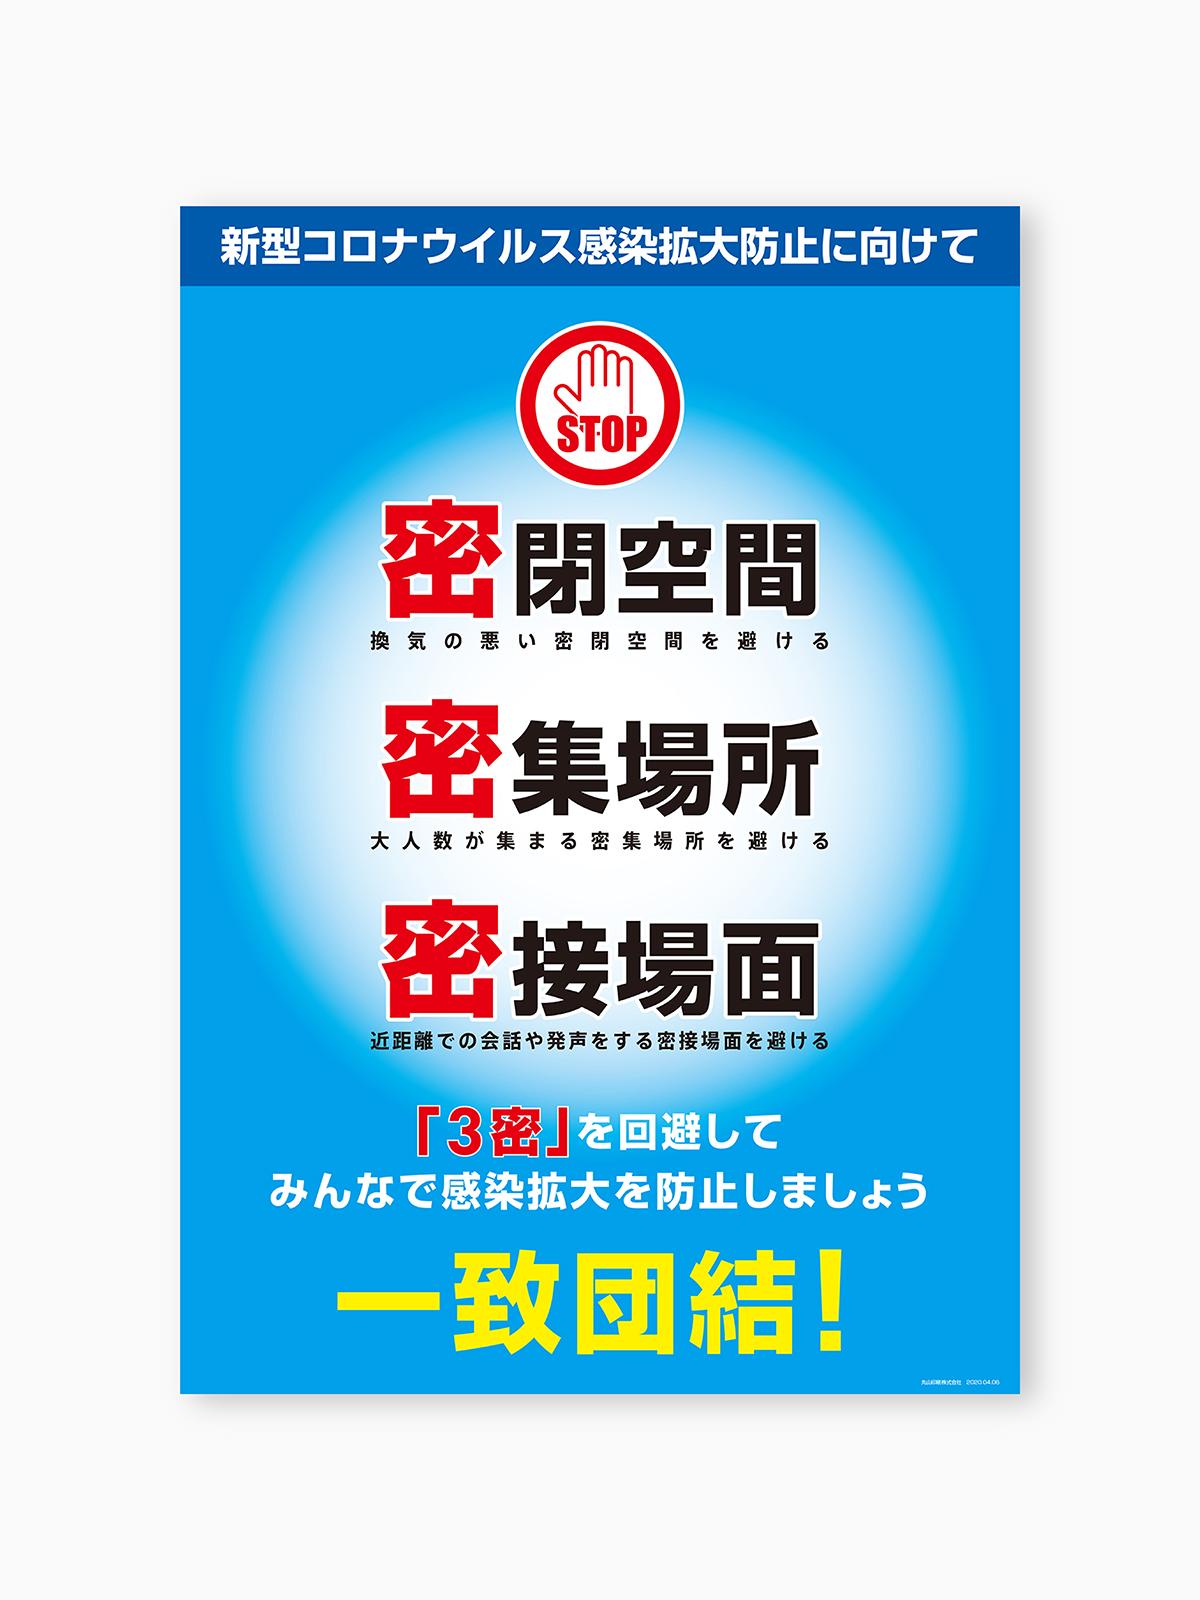 新型コロナウイルス 感染拡大防止ポスターの画像